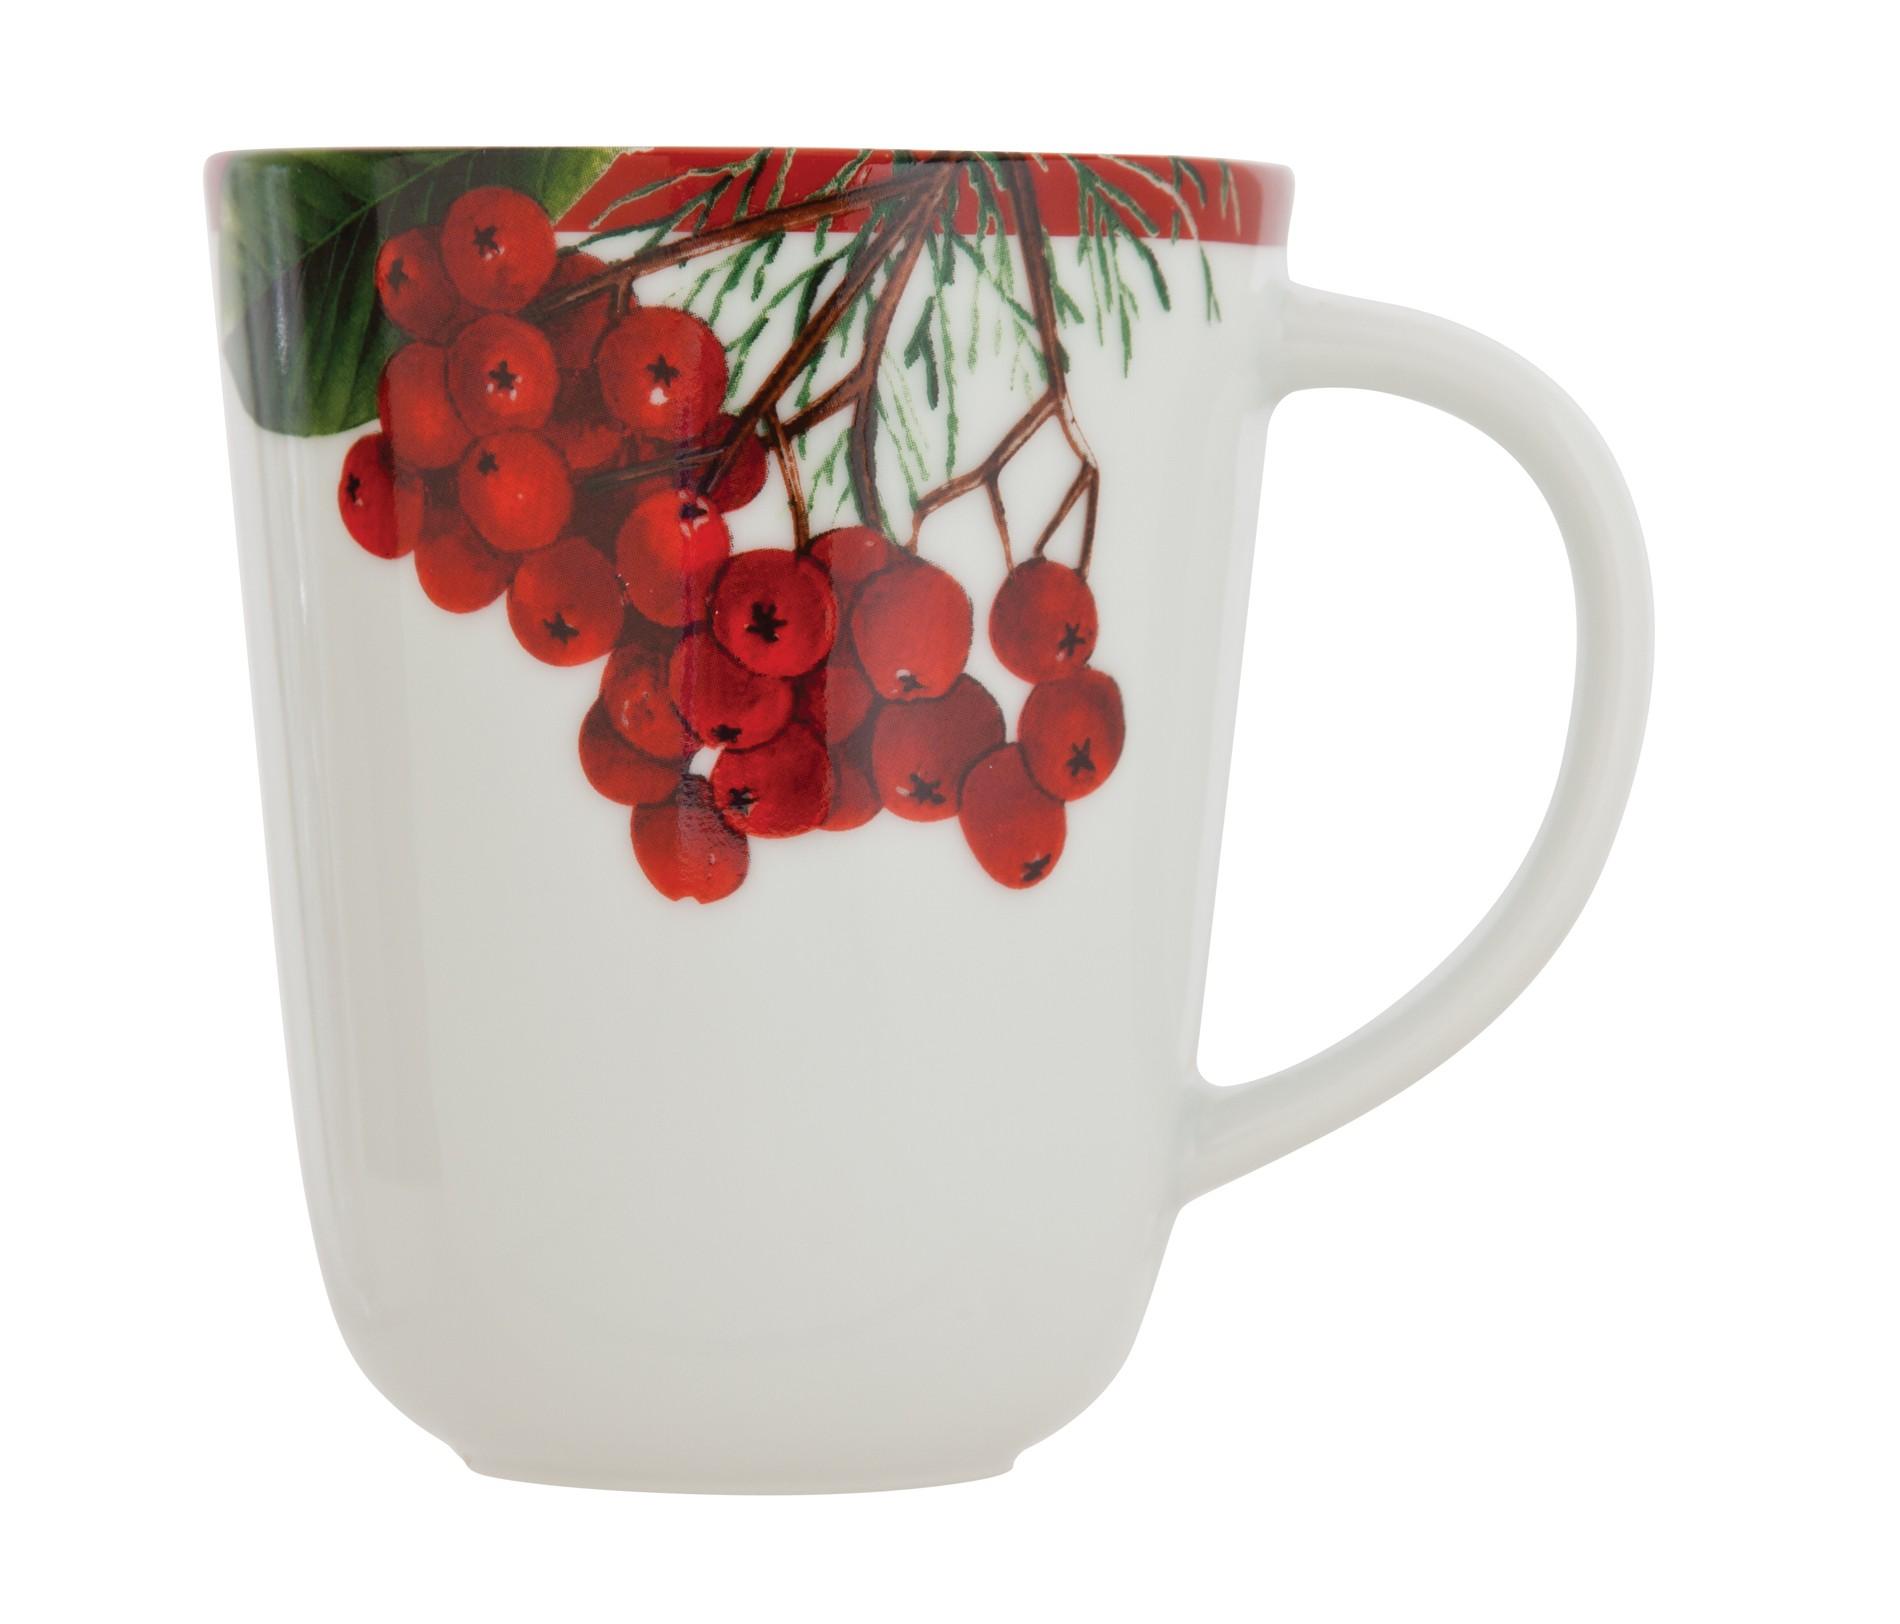 Κούπα Red Berry Ionia home   ειδη cafe τσαϊ   κούπες   φλυτζάνια